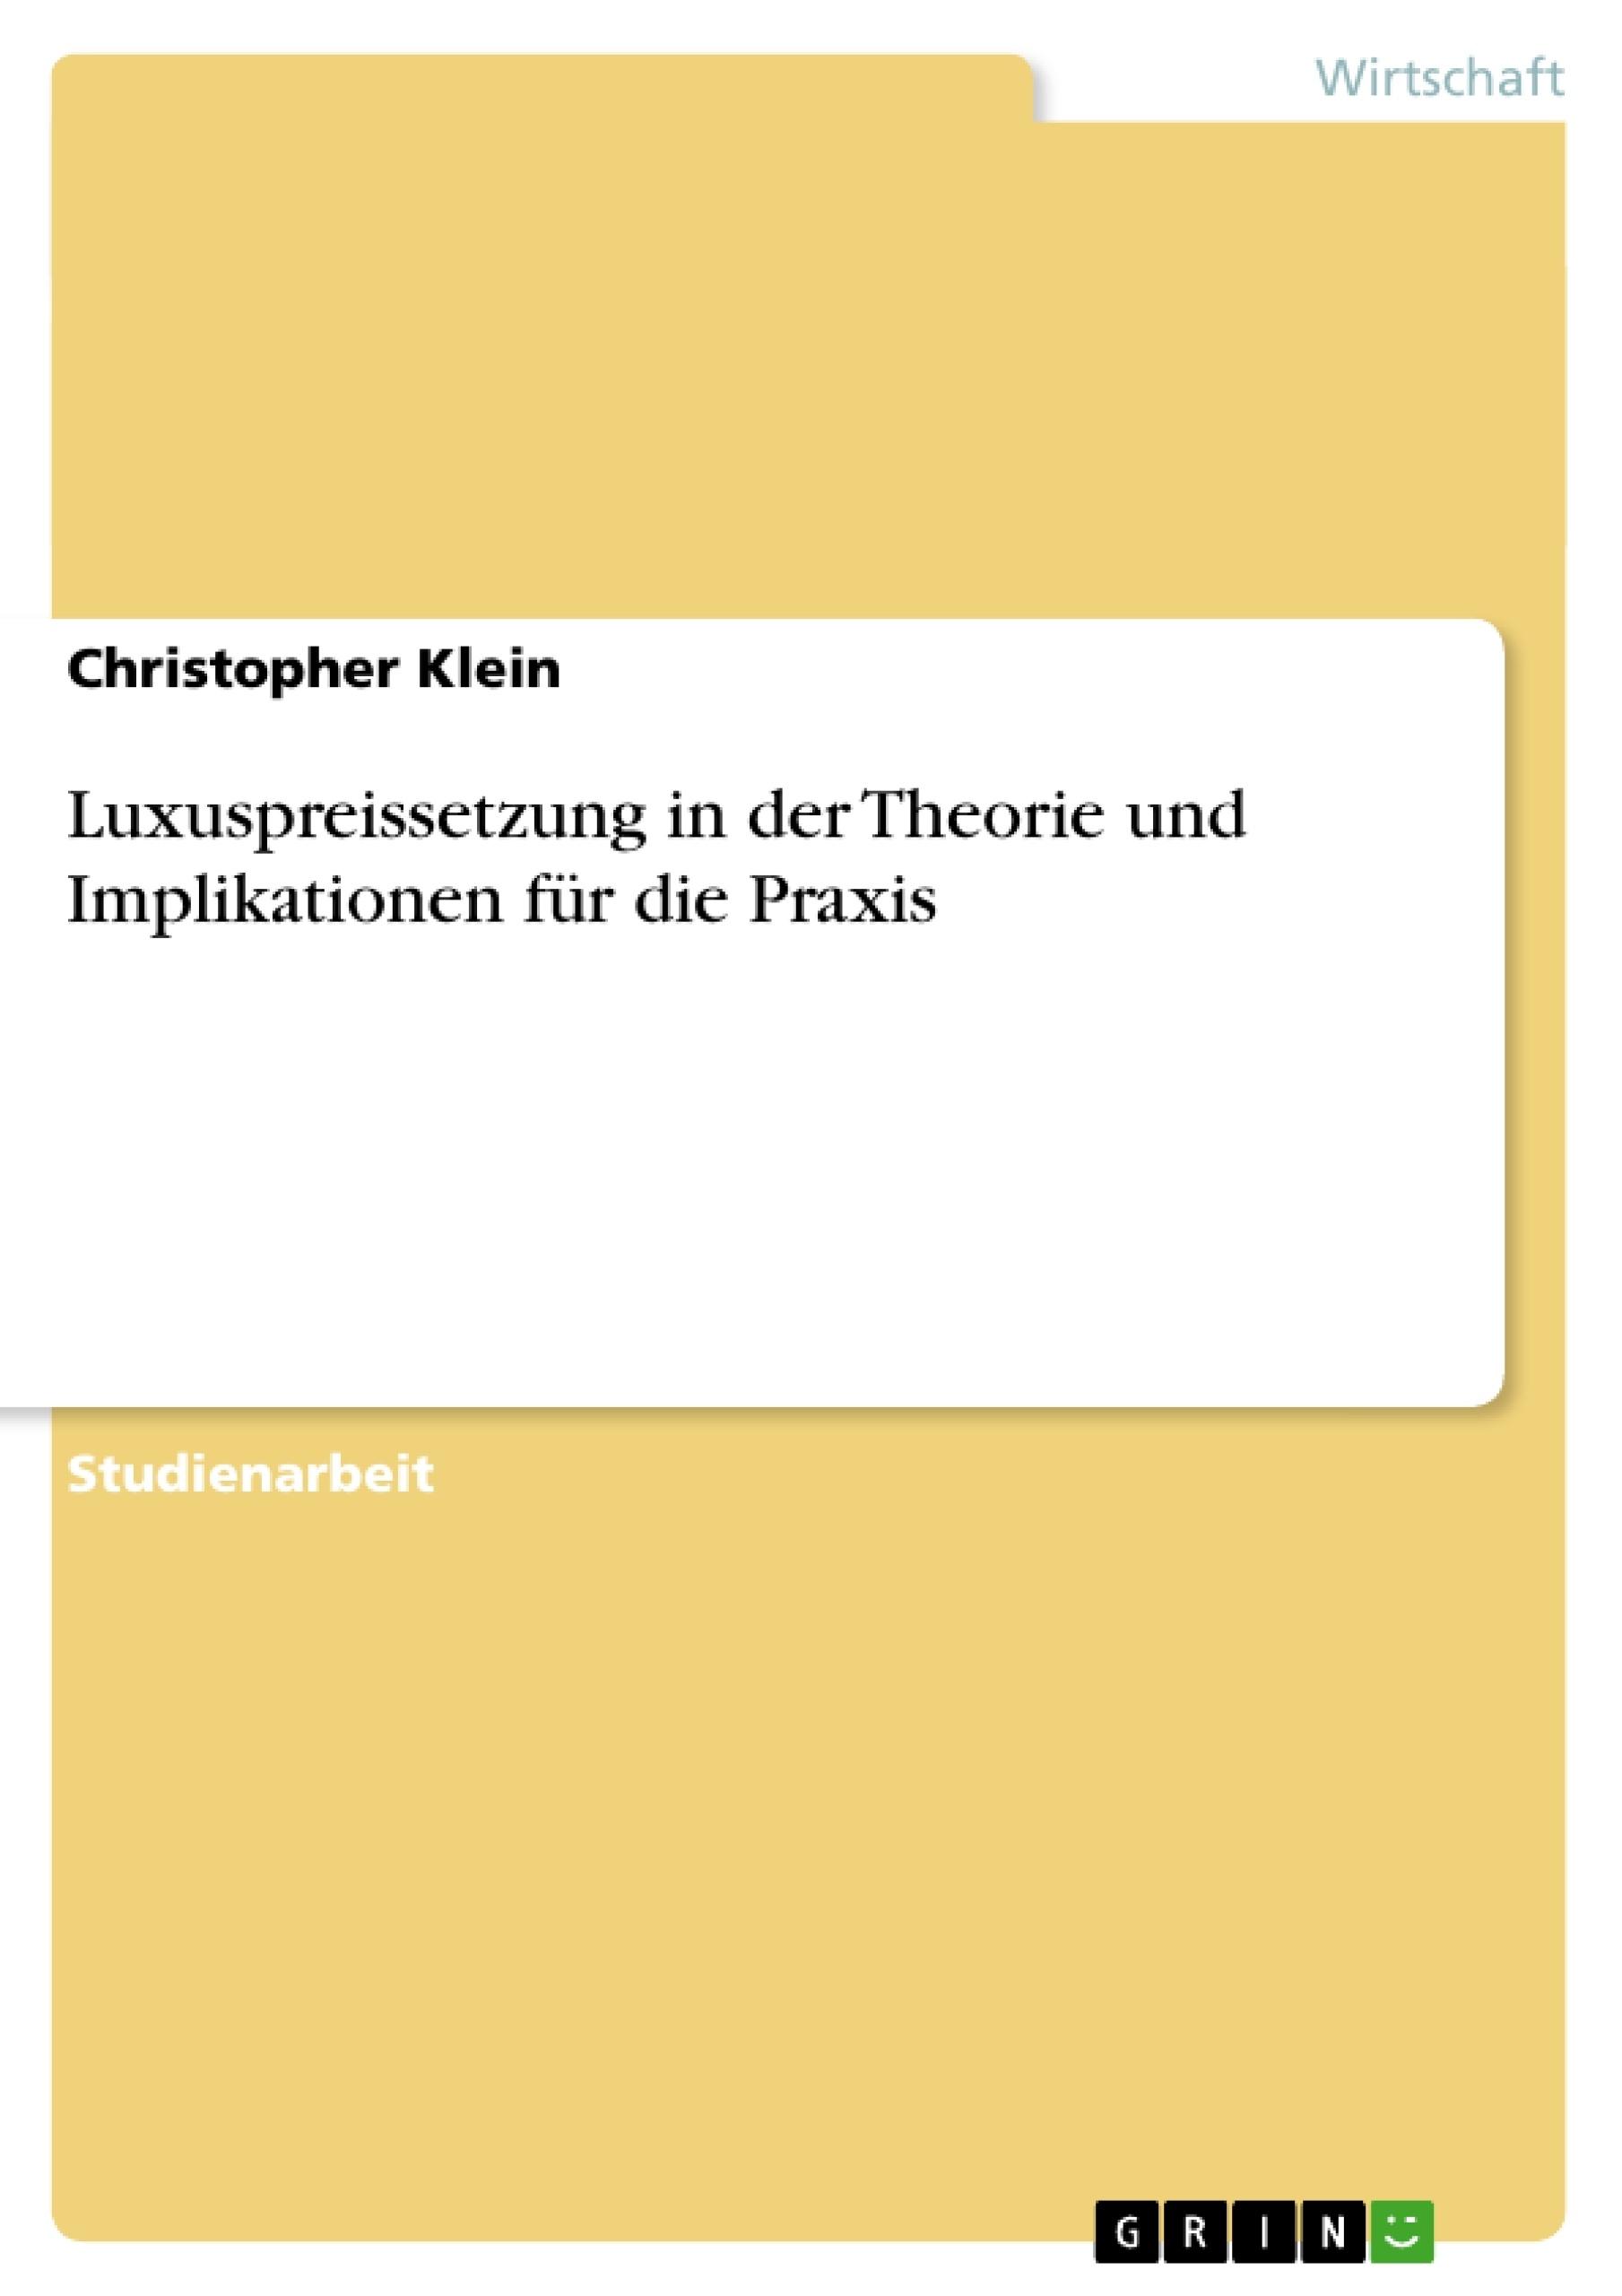 Titel: Luxuspreissetzung in der Theorie und Implikationen für die Praxis